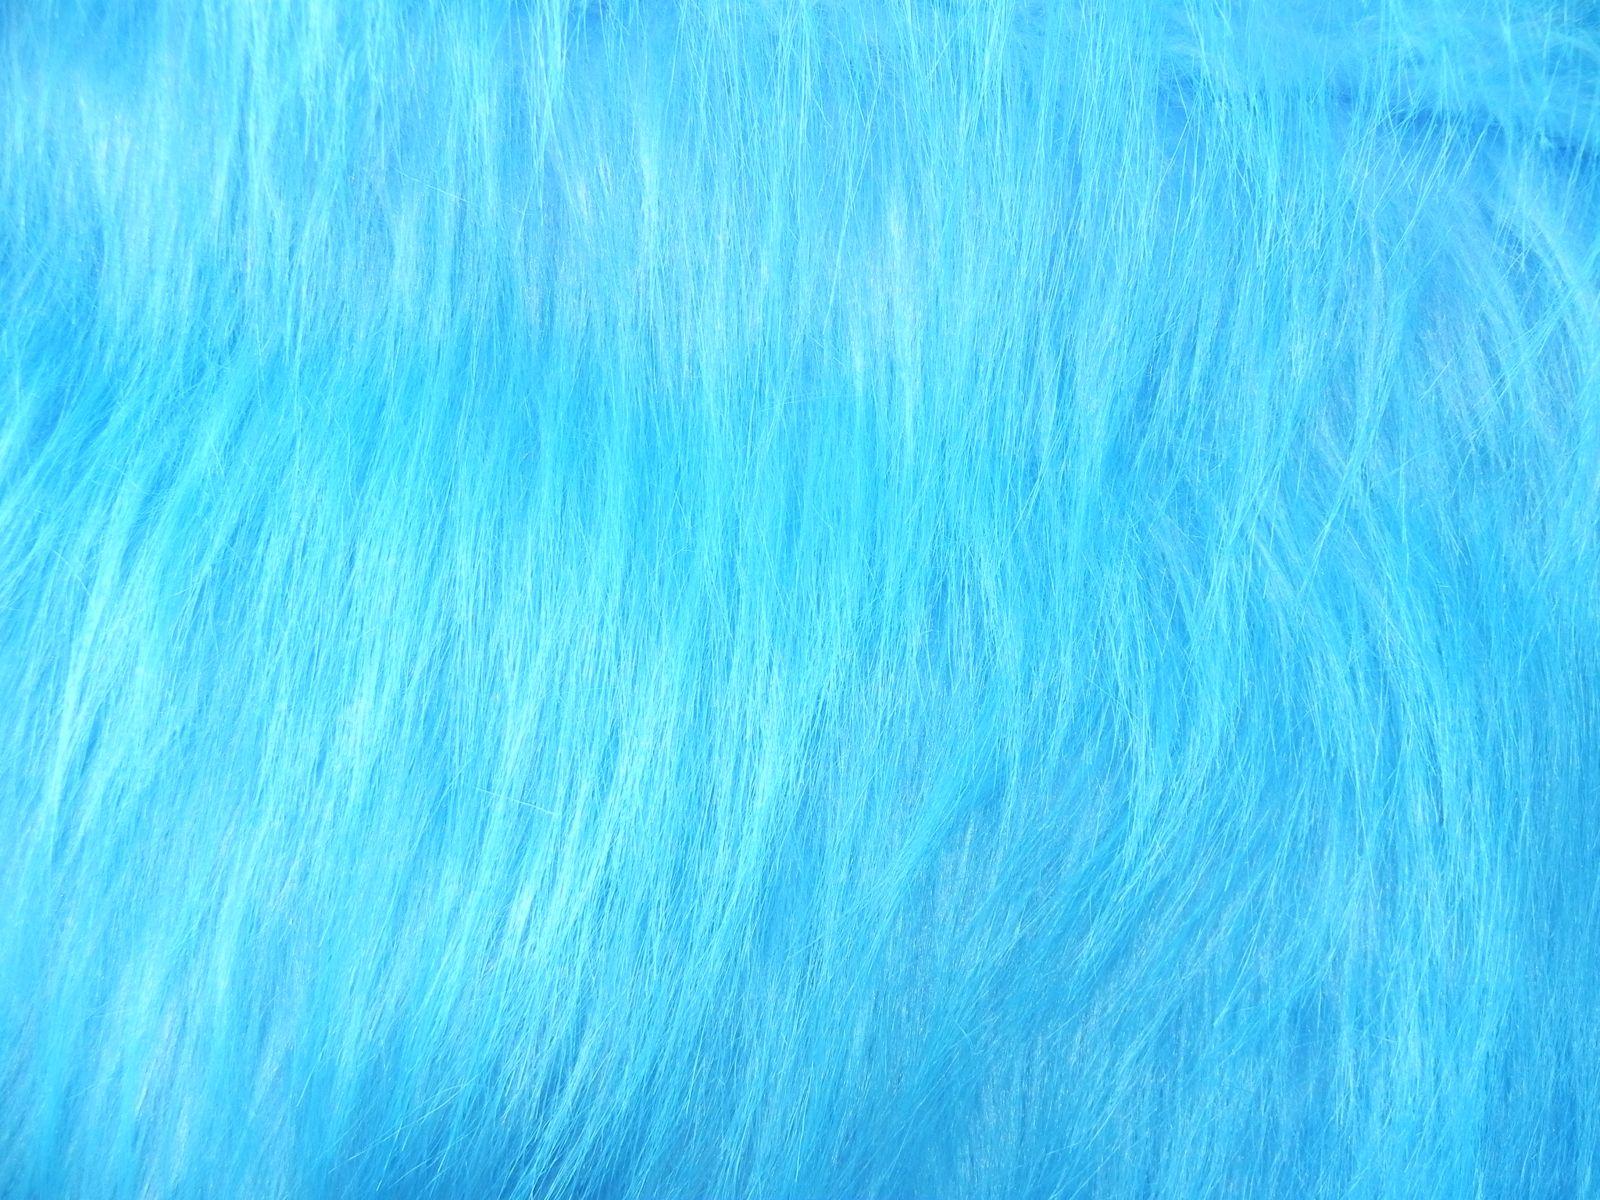 Umělá kožešina metráž, tyrkysově modrá, 90mm vlas, š. 148cm